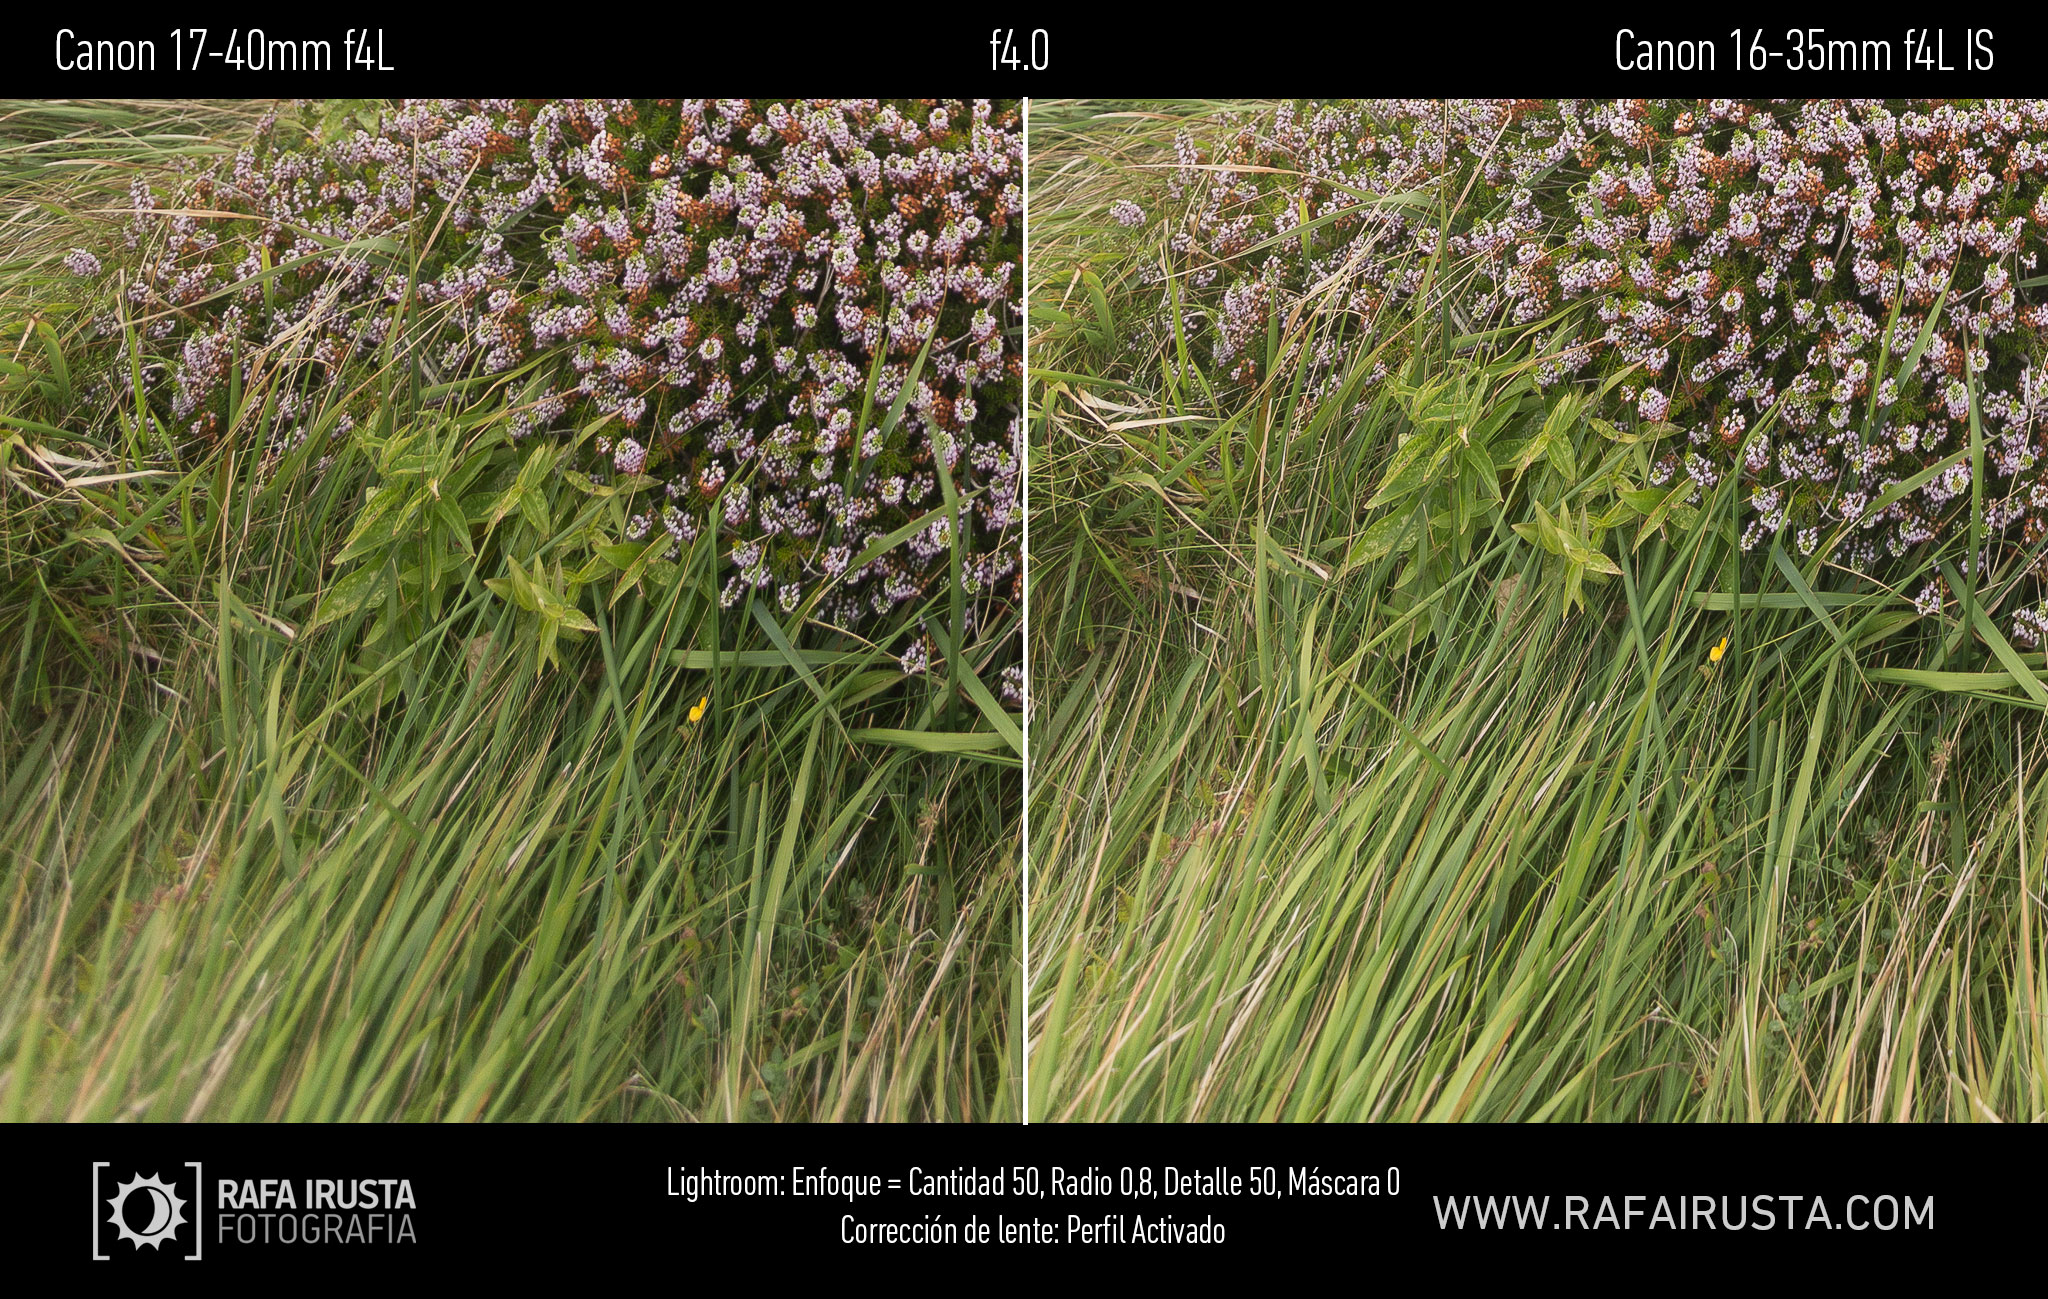 Prueba Canon 16-35mm f/4L IS, comparativa 17-40 vs 16-35 con enfoque y con ajuste de perfil, f4